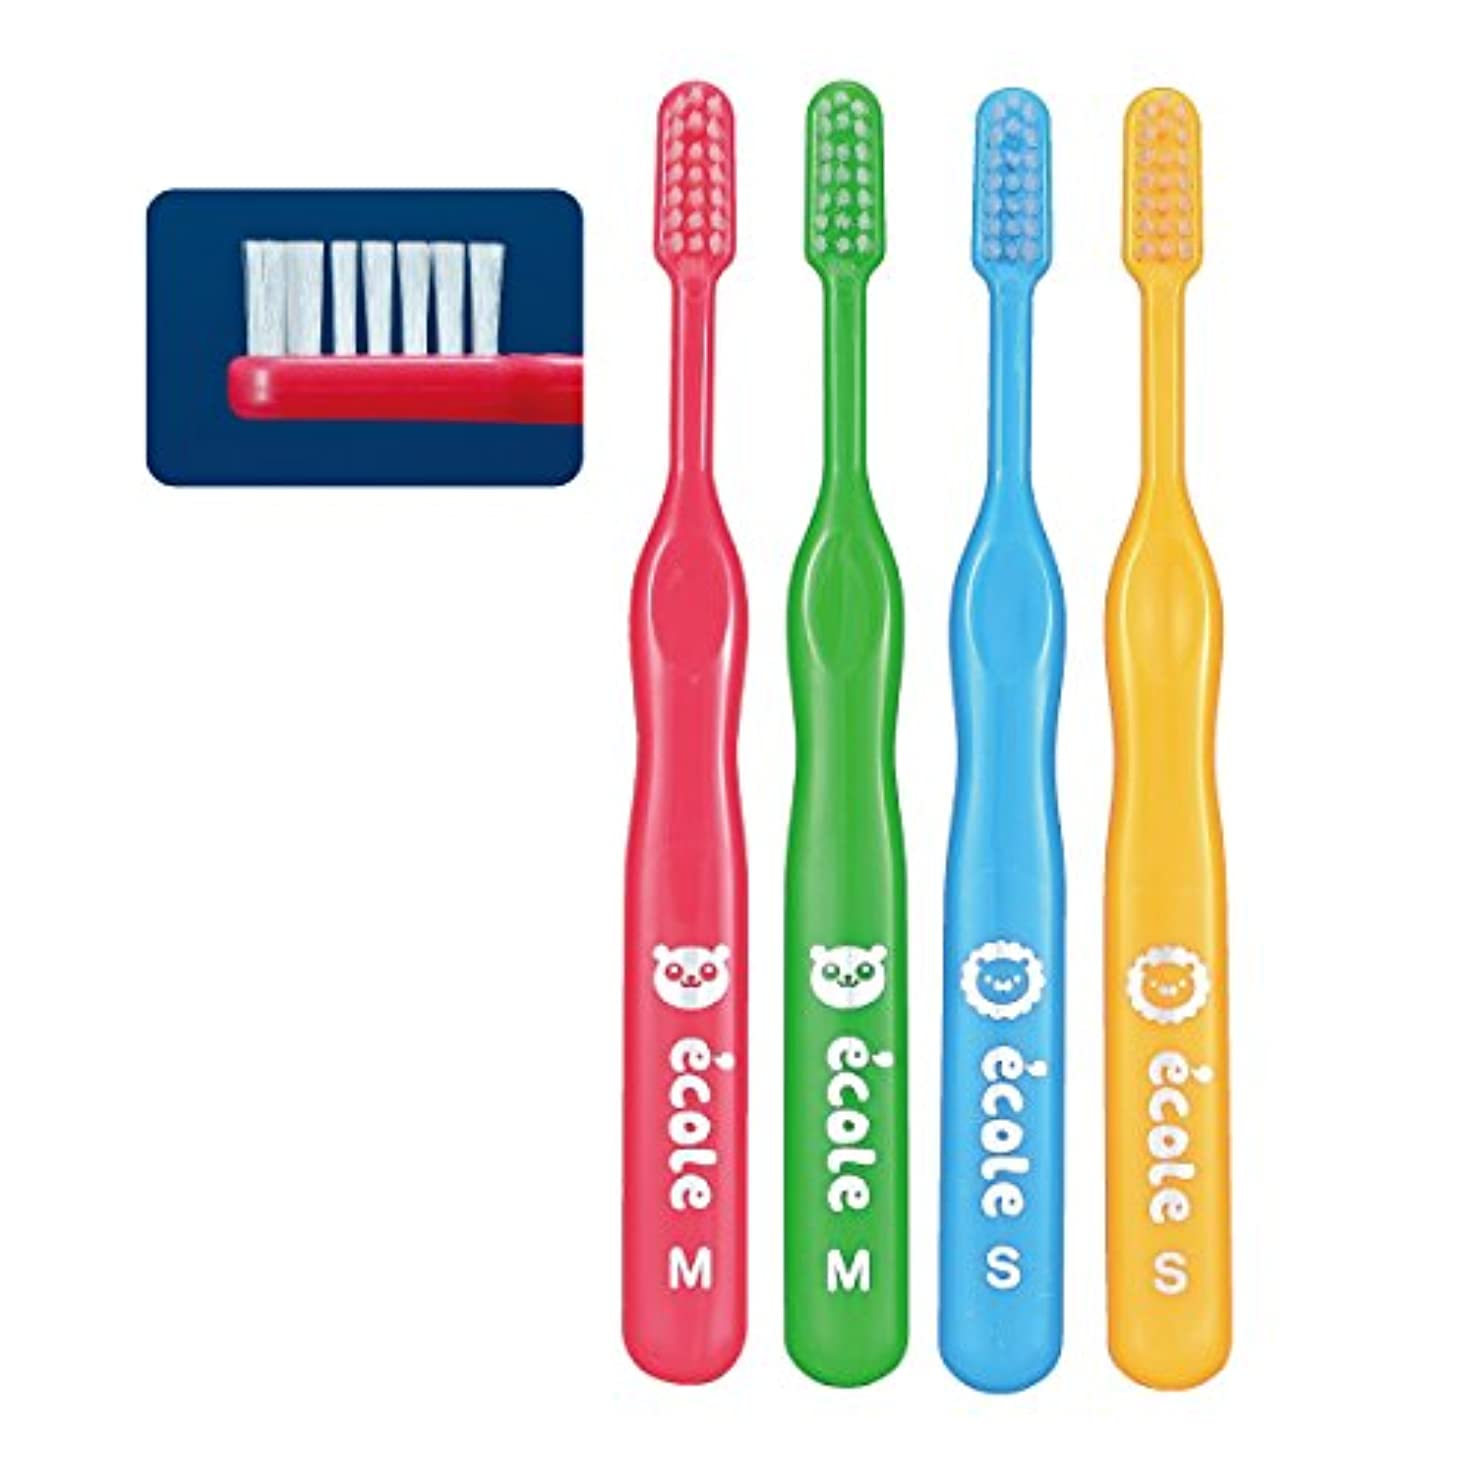 マンモス脈拍反動リセラ エコル 幼児~小学生用歯ブラシ Mふつう 4本入り